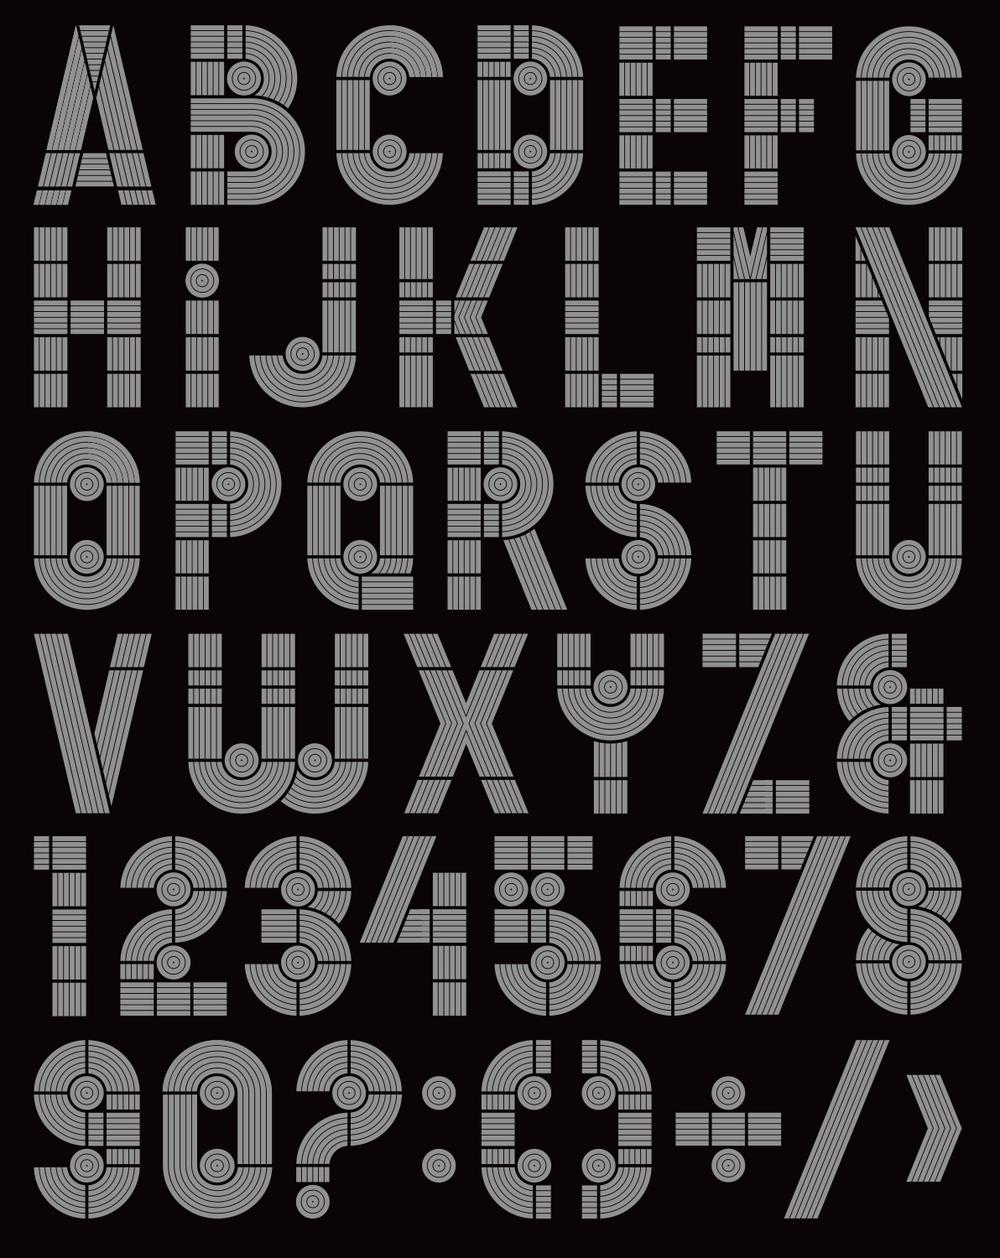 typographic: igarashi typeface